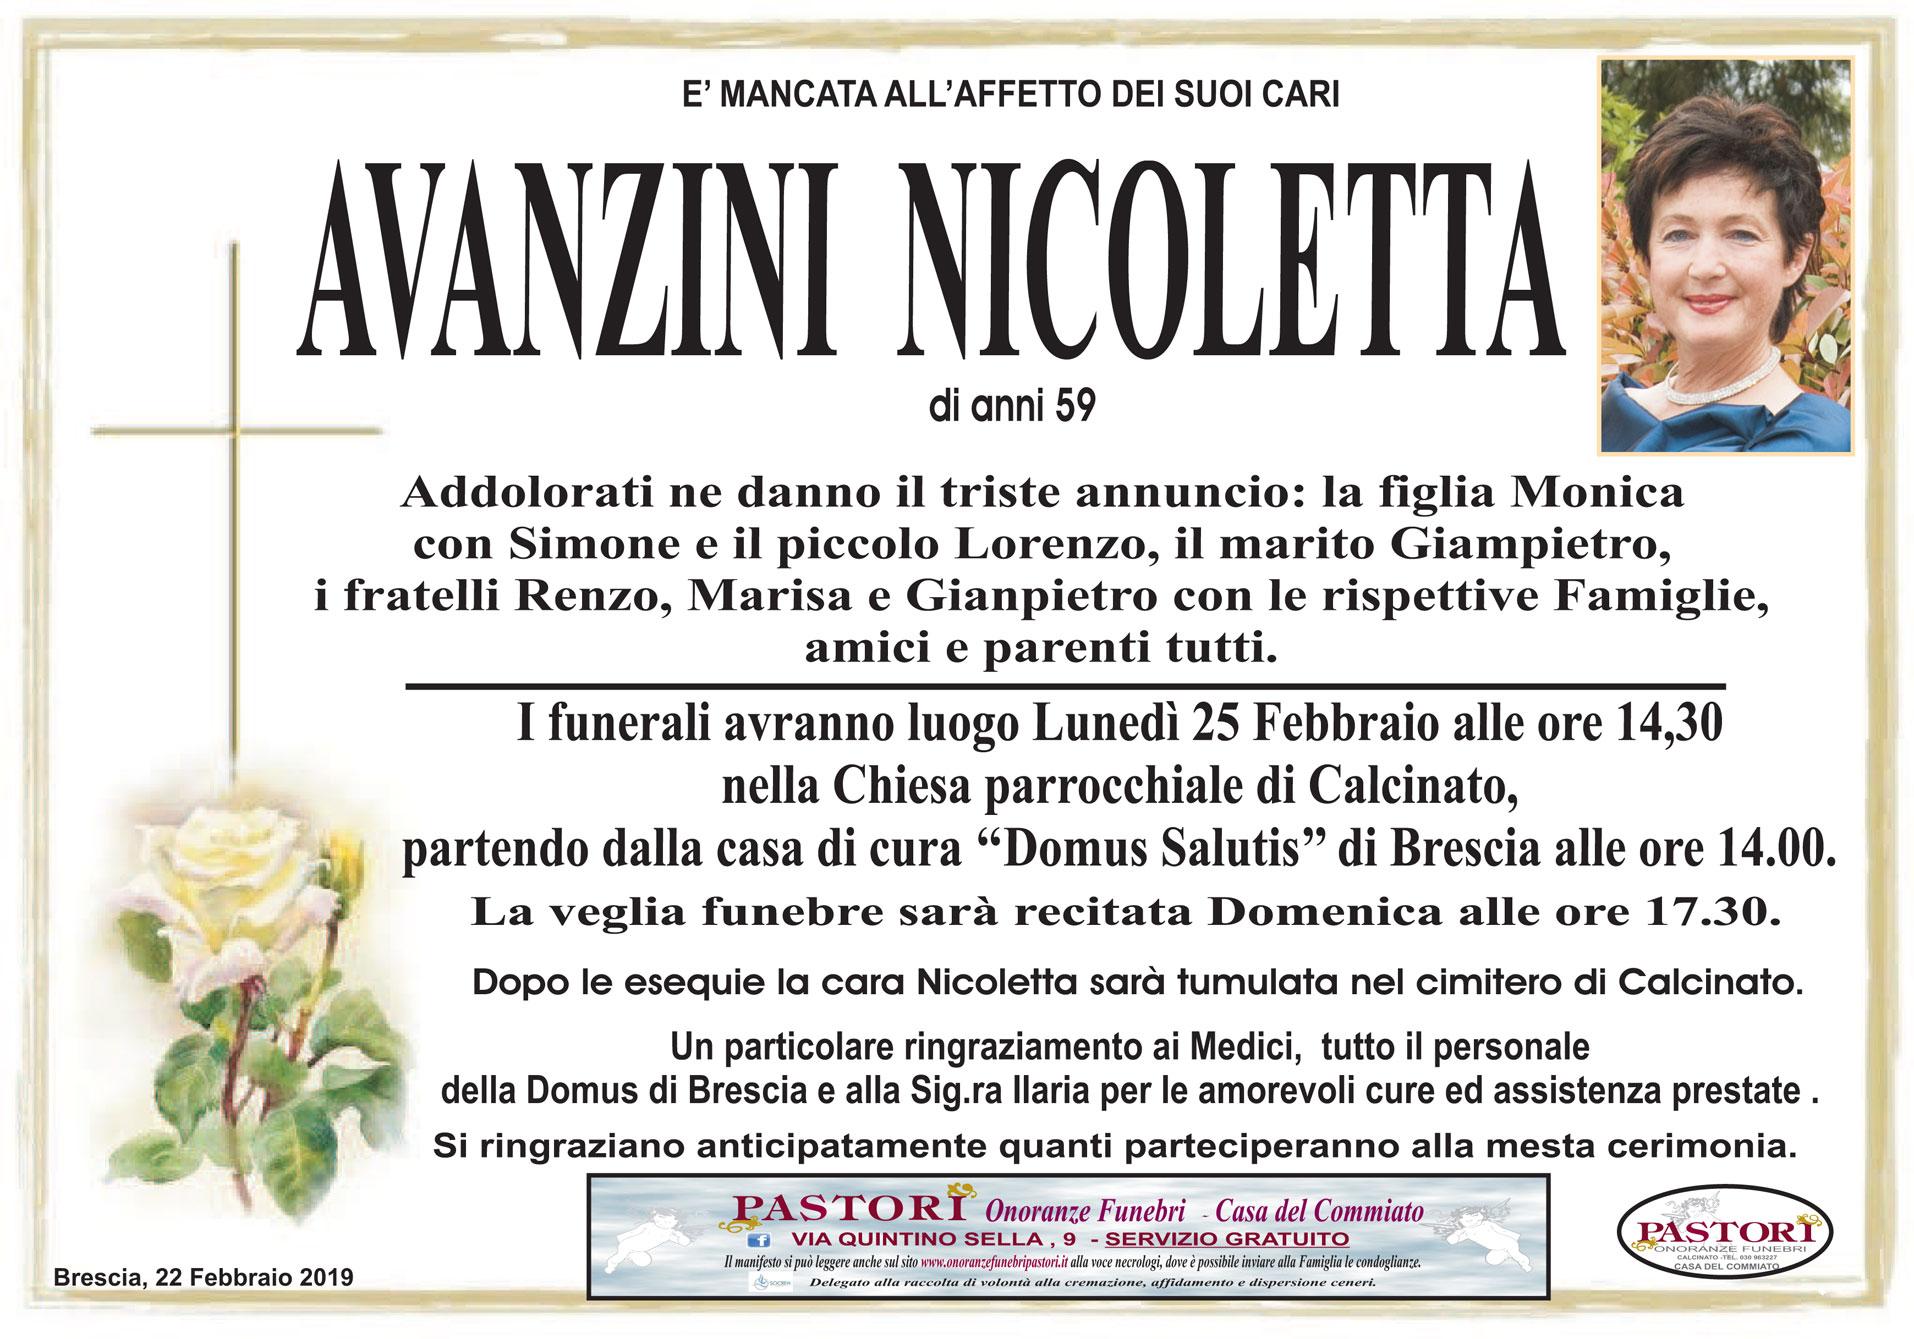 Avanzini Nicoletta